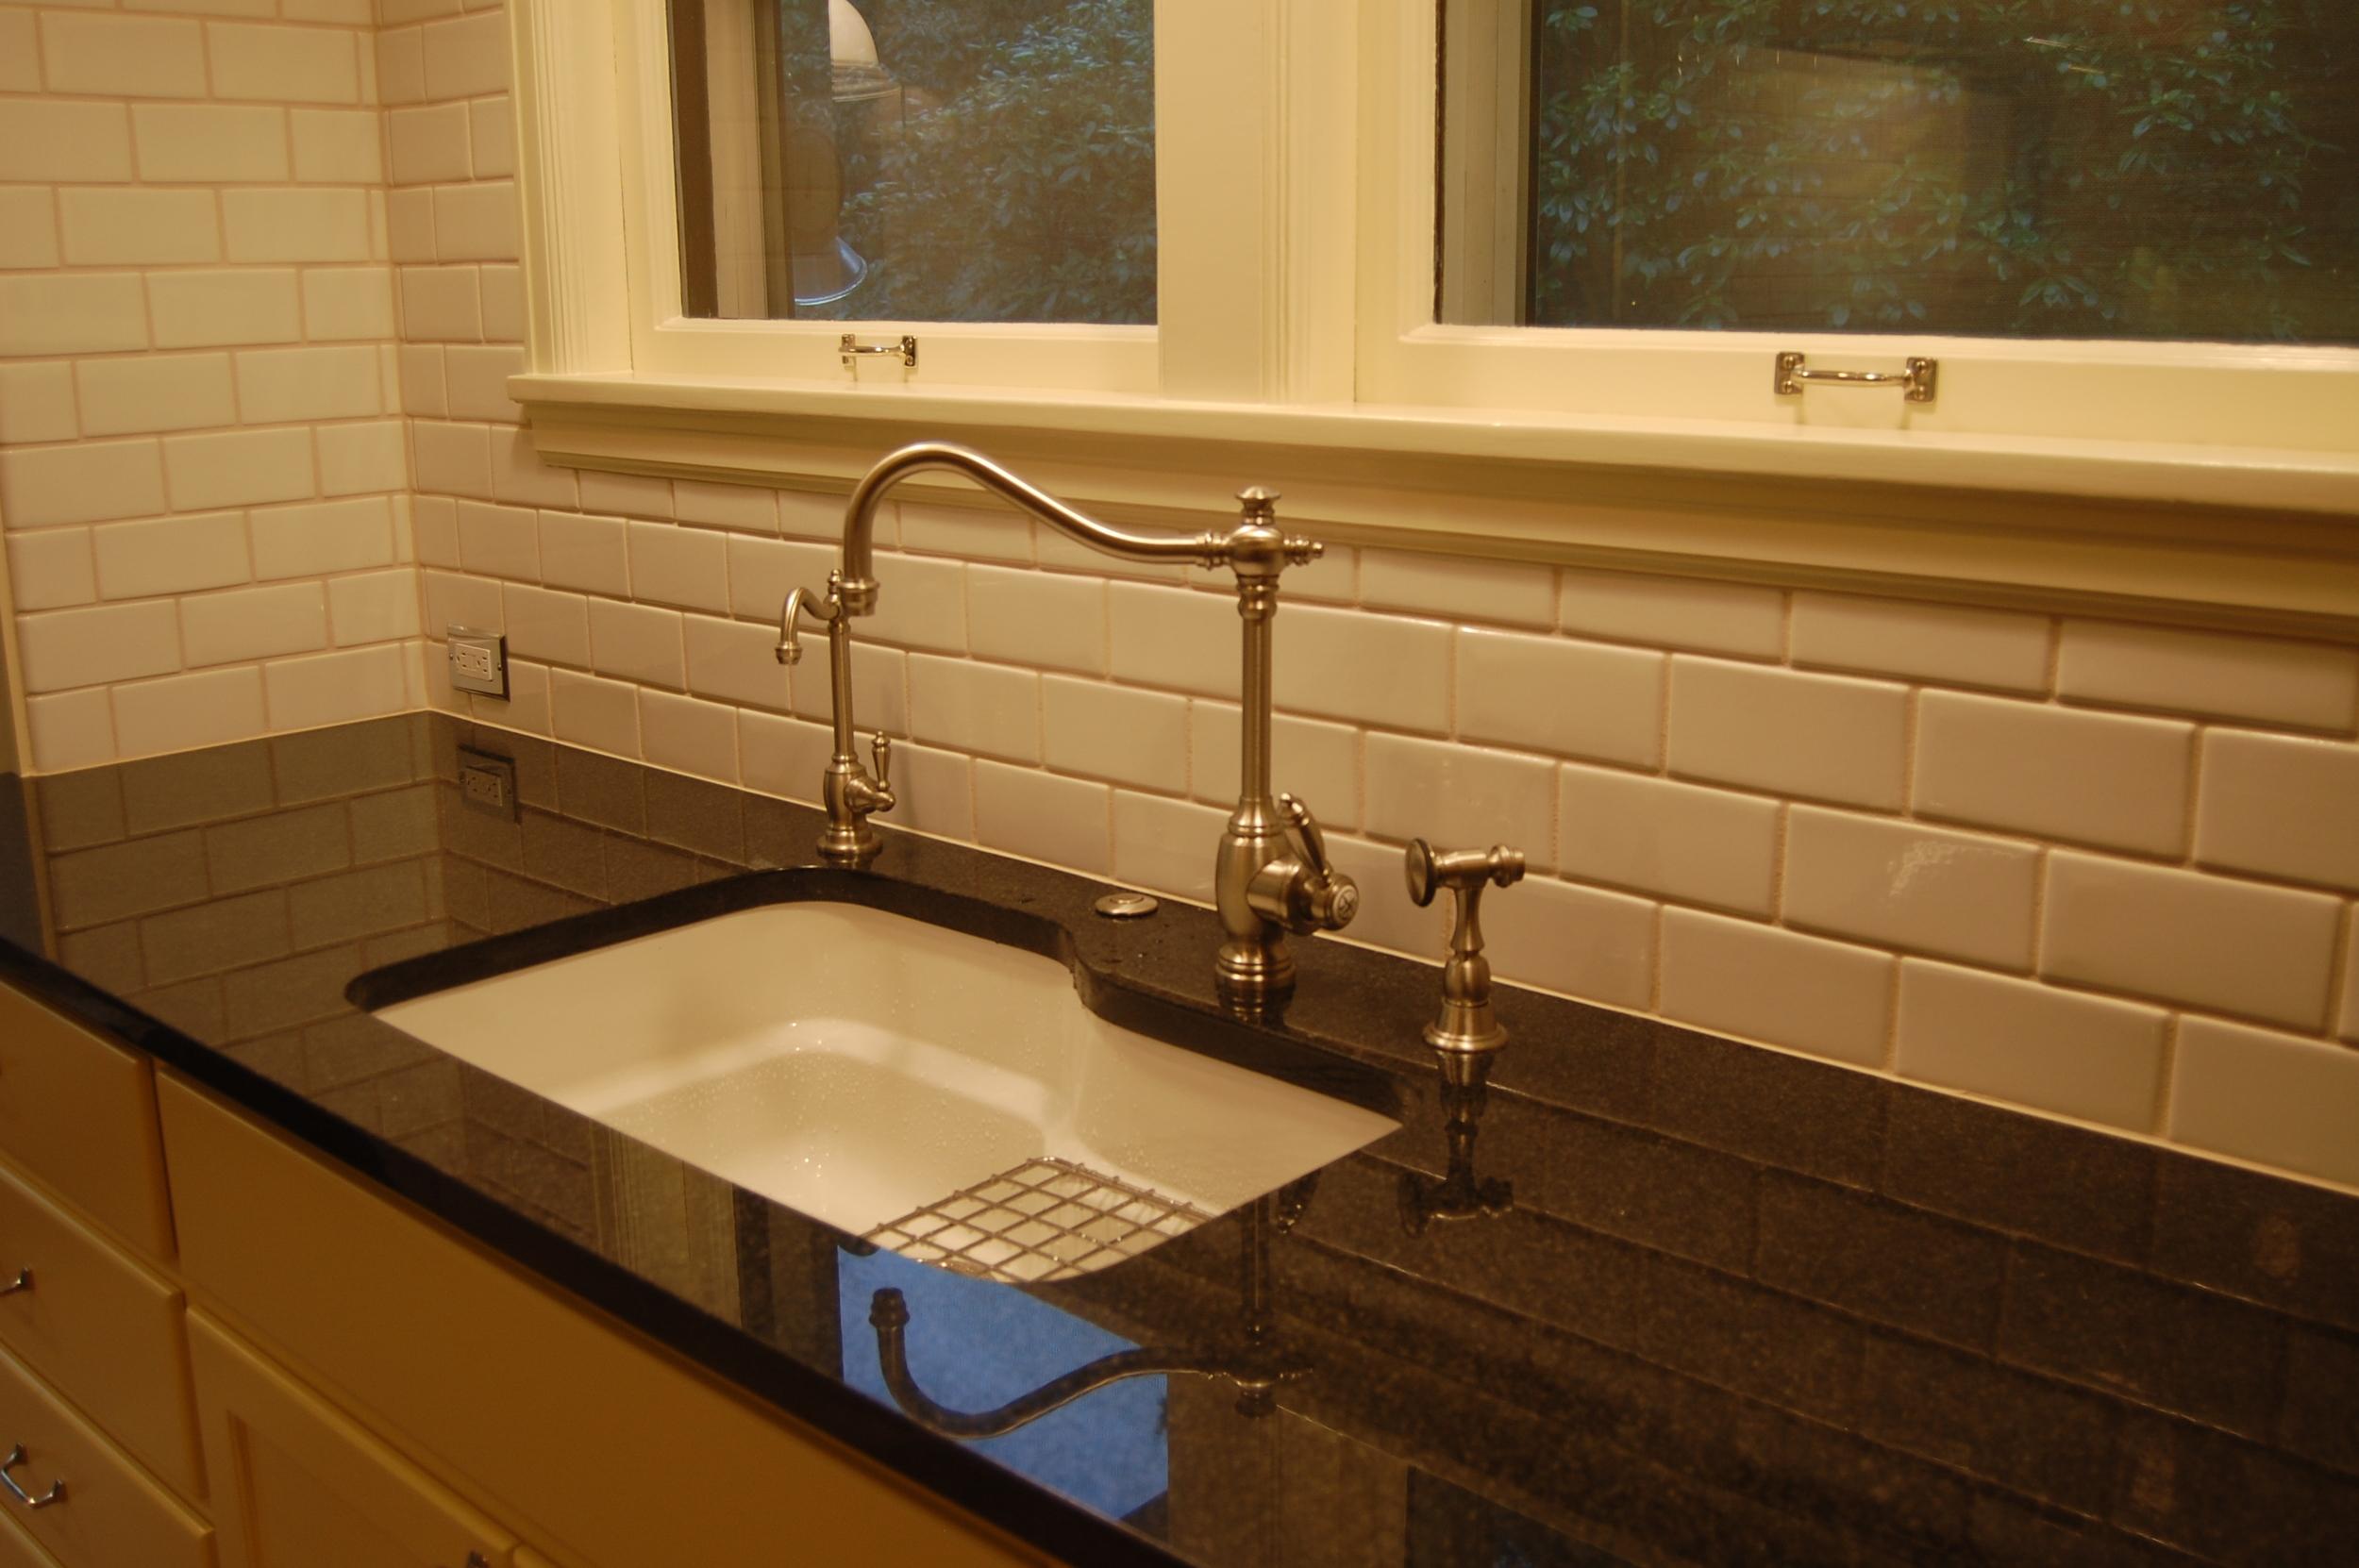 vista_kitchen_12.JPG